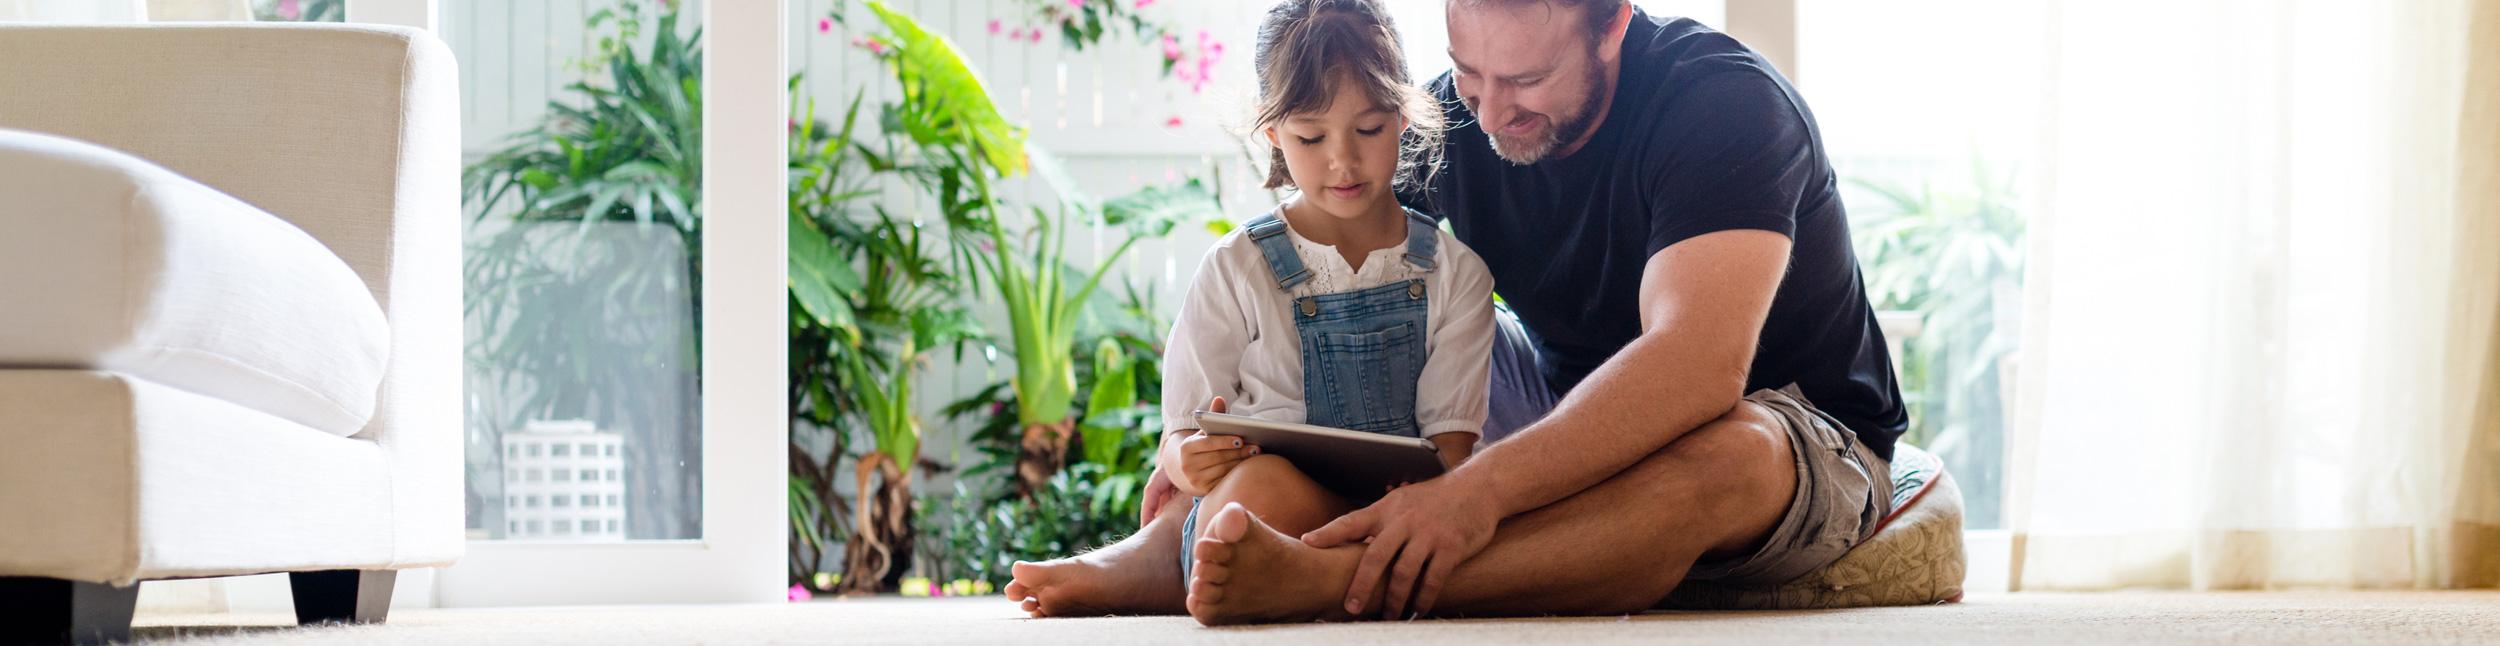 Vater und Tochter entspannen auf dem Fussboden. Dank Fussbodenheizung wird Ihr Fussboden zu einem Entspannungsort.